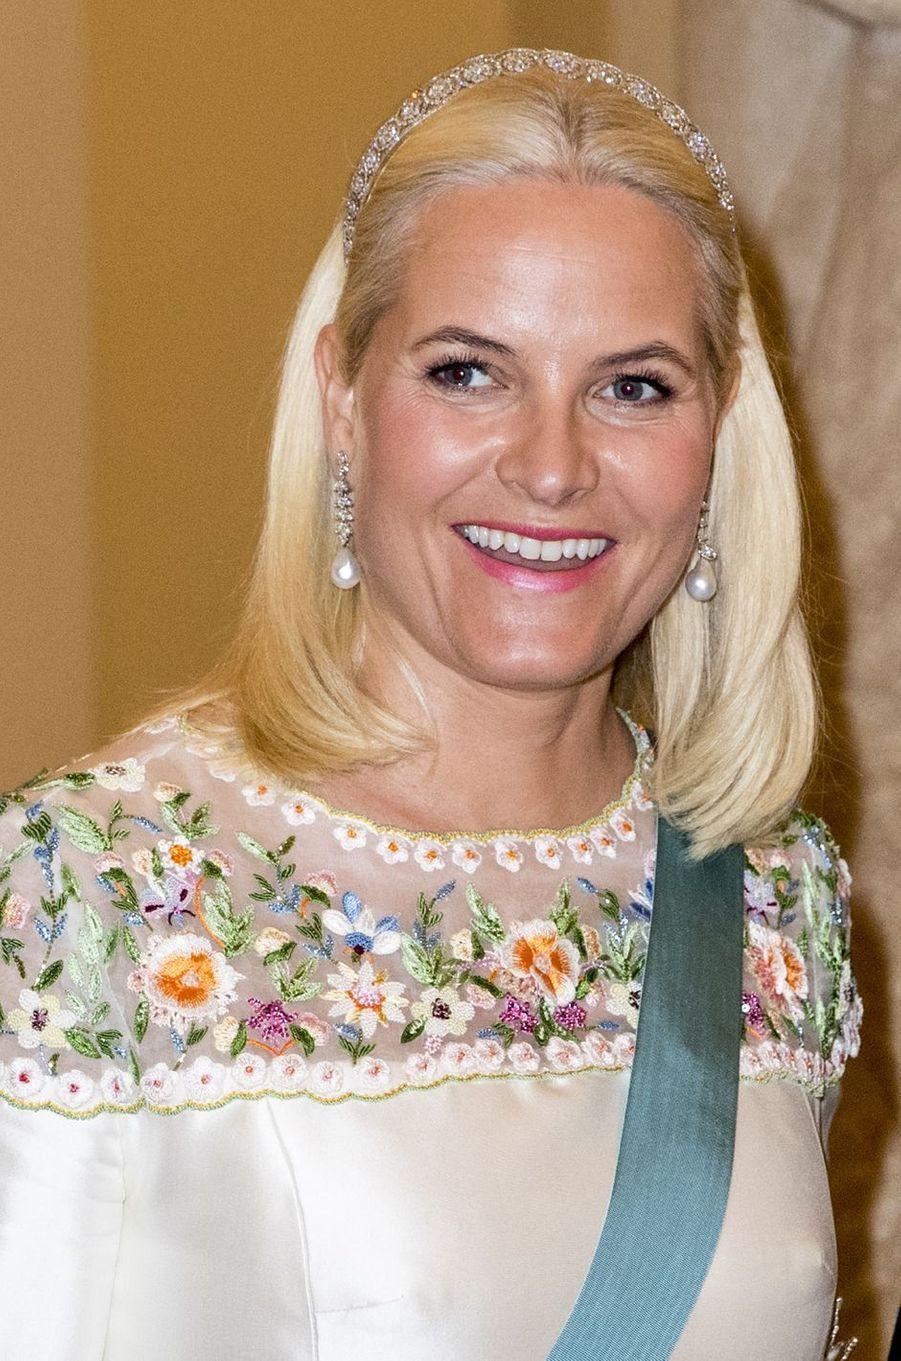 La princesse Mette-Marit de Norvège à Copenhague, le 26 mai 2018